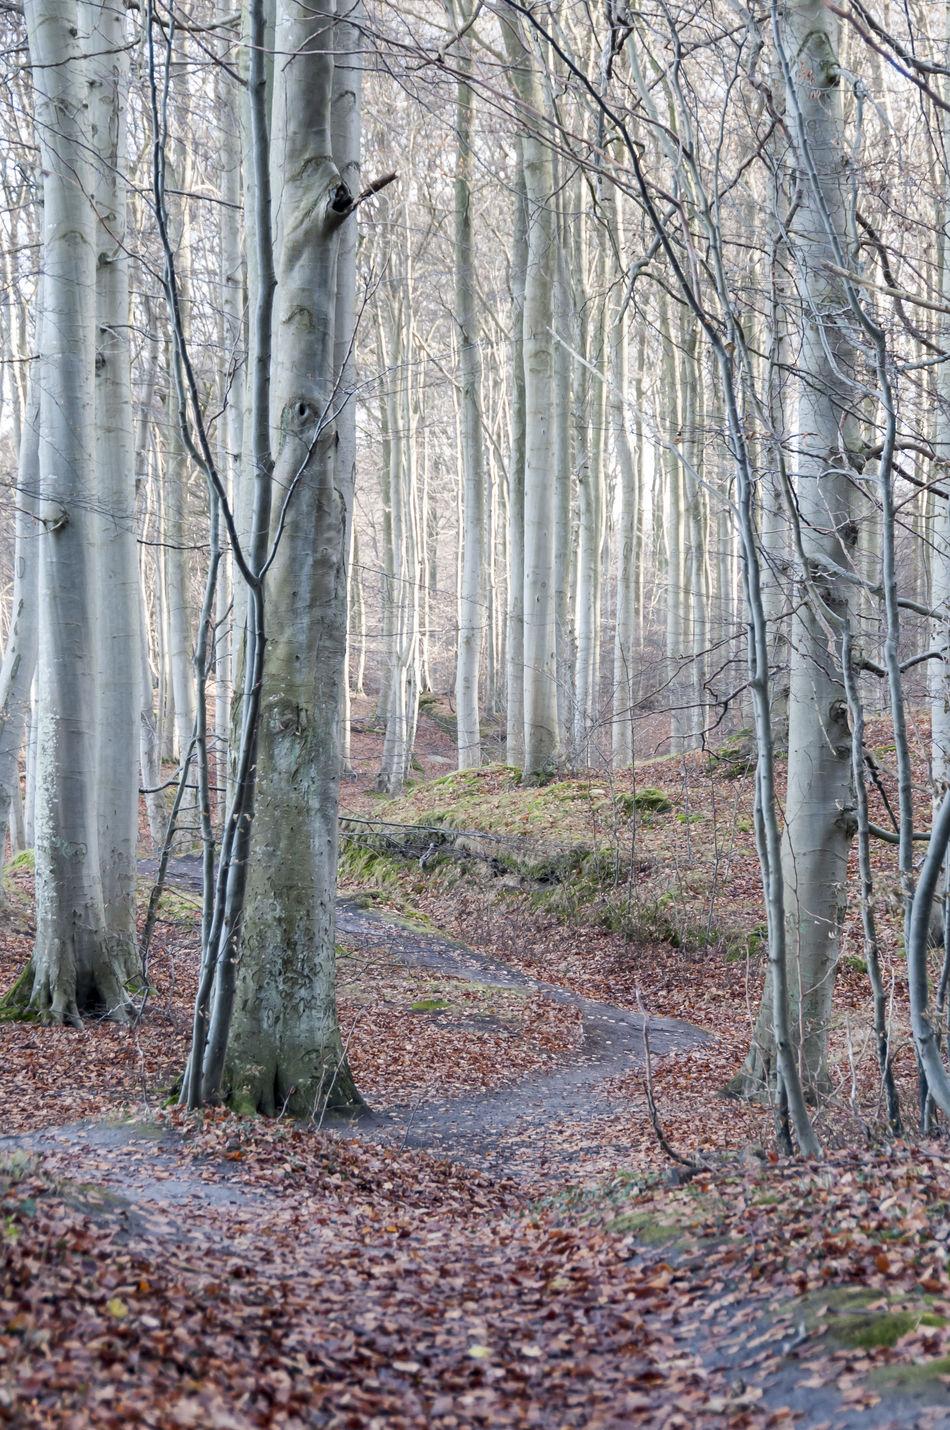 Autumn Beauty In Nature Beech Forest Bosque Buchen Buchenwald Footpath Forest Hayas Hayedo Nature Otoño Outdoors Rügen Sendero Track Trail Wald Wanderweg